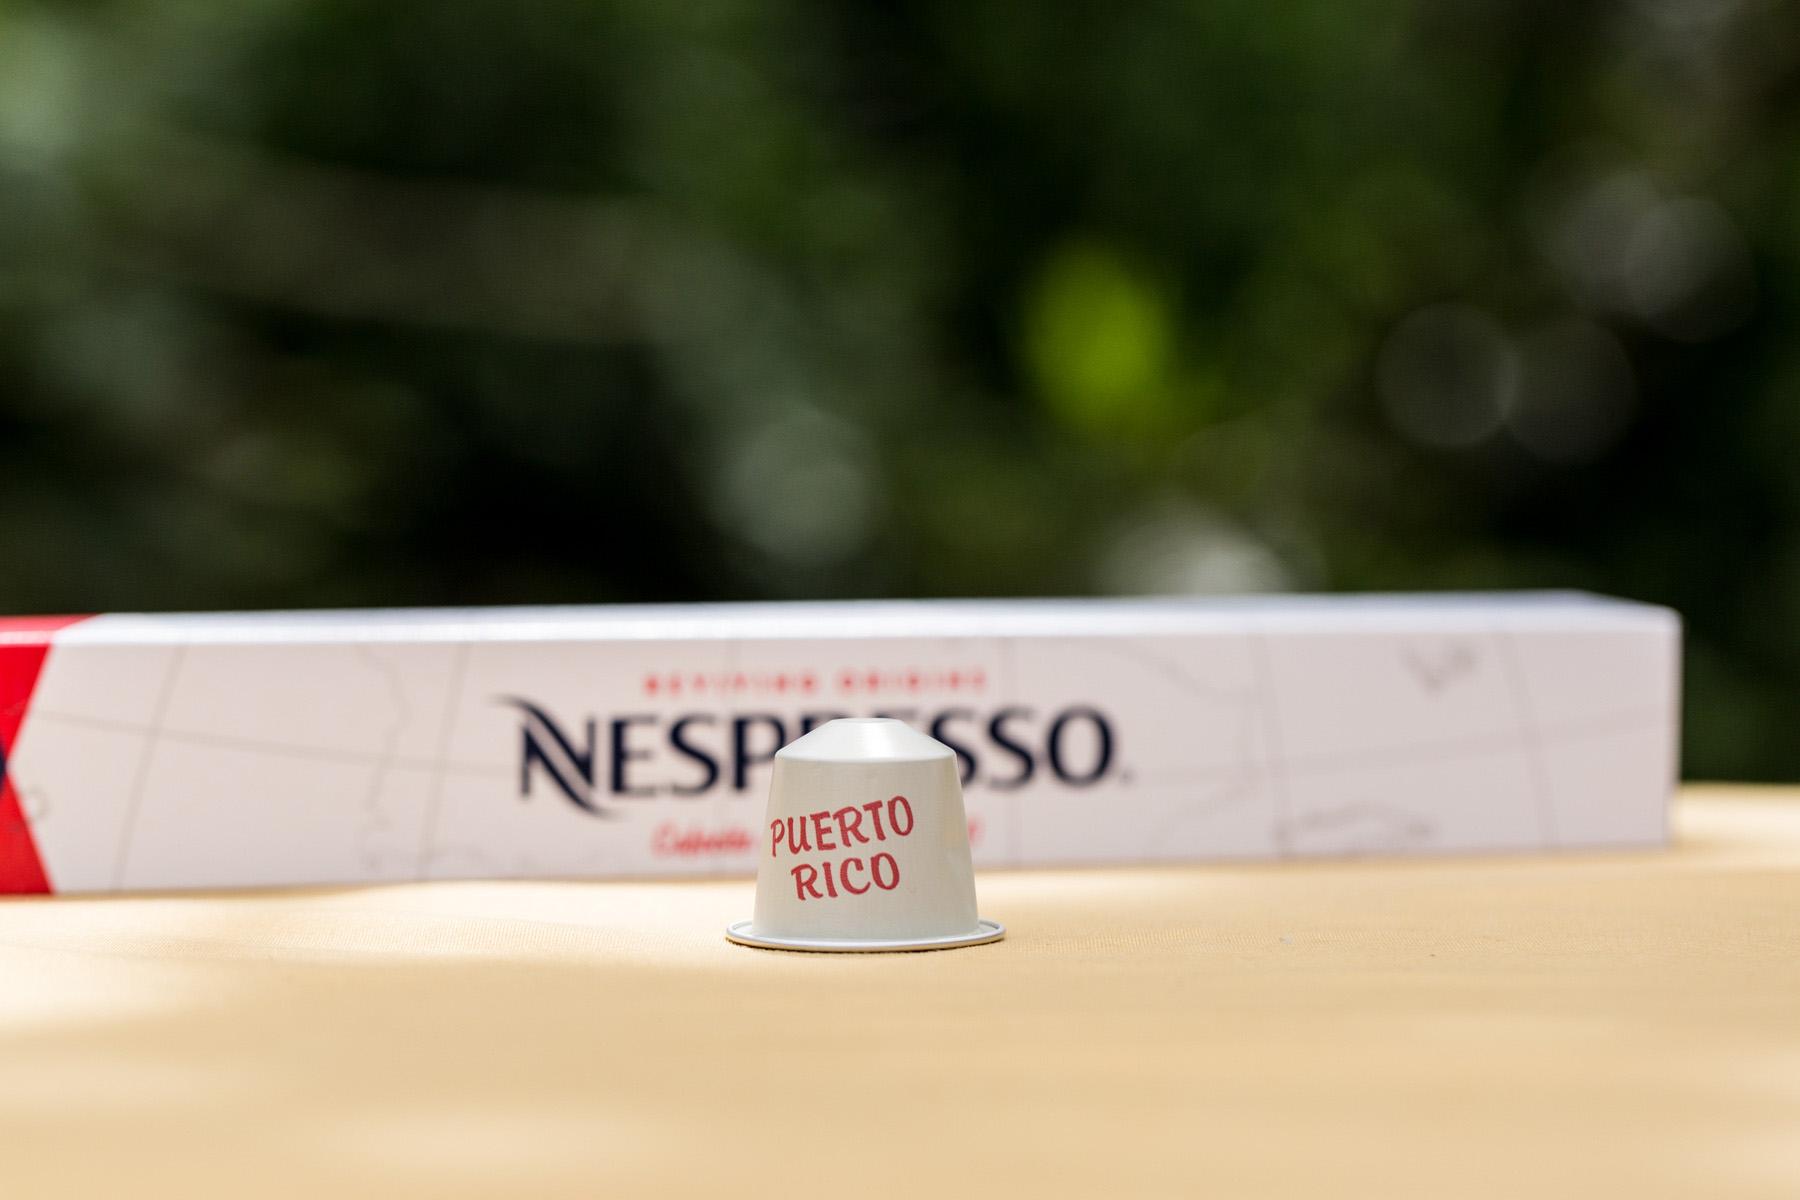 Nespresso Cafecito de Puerto Rico